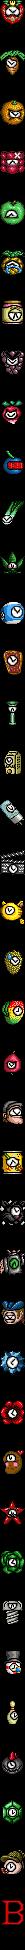 1031048_147125912512_clock_emotes.png